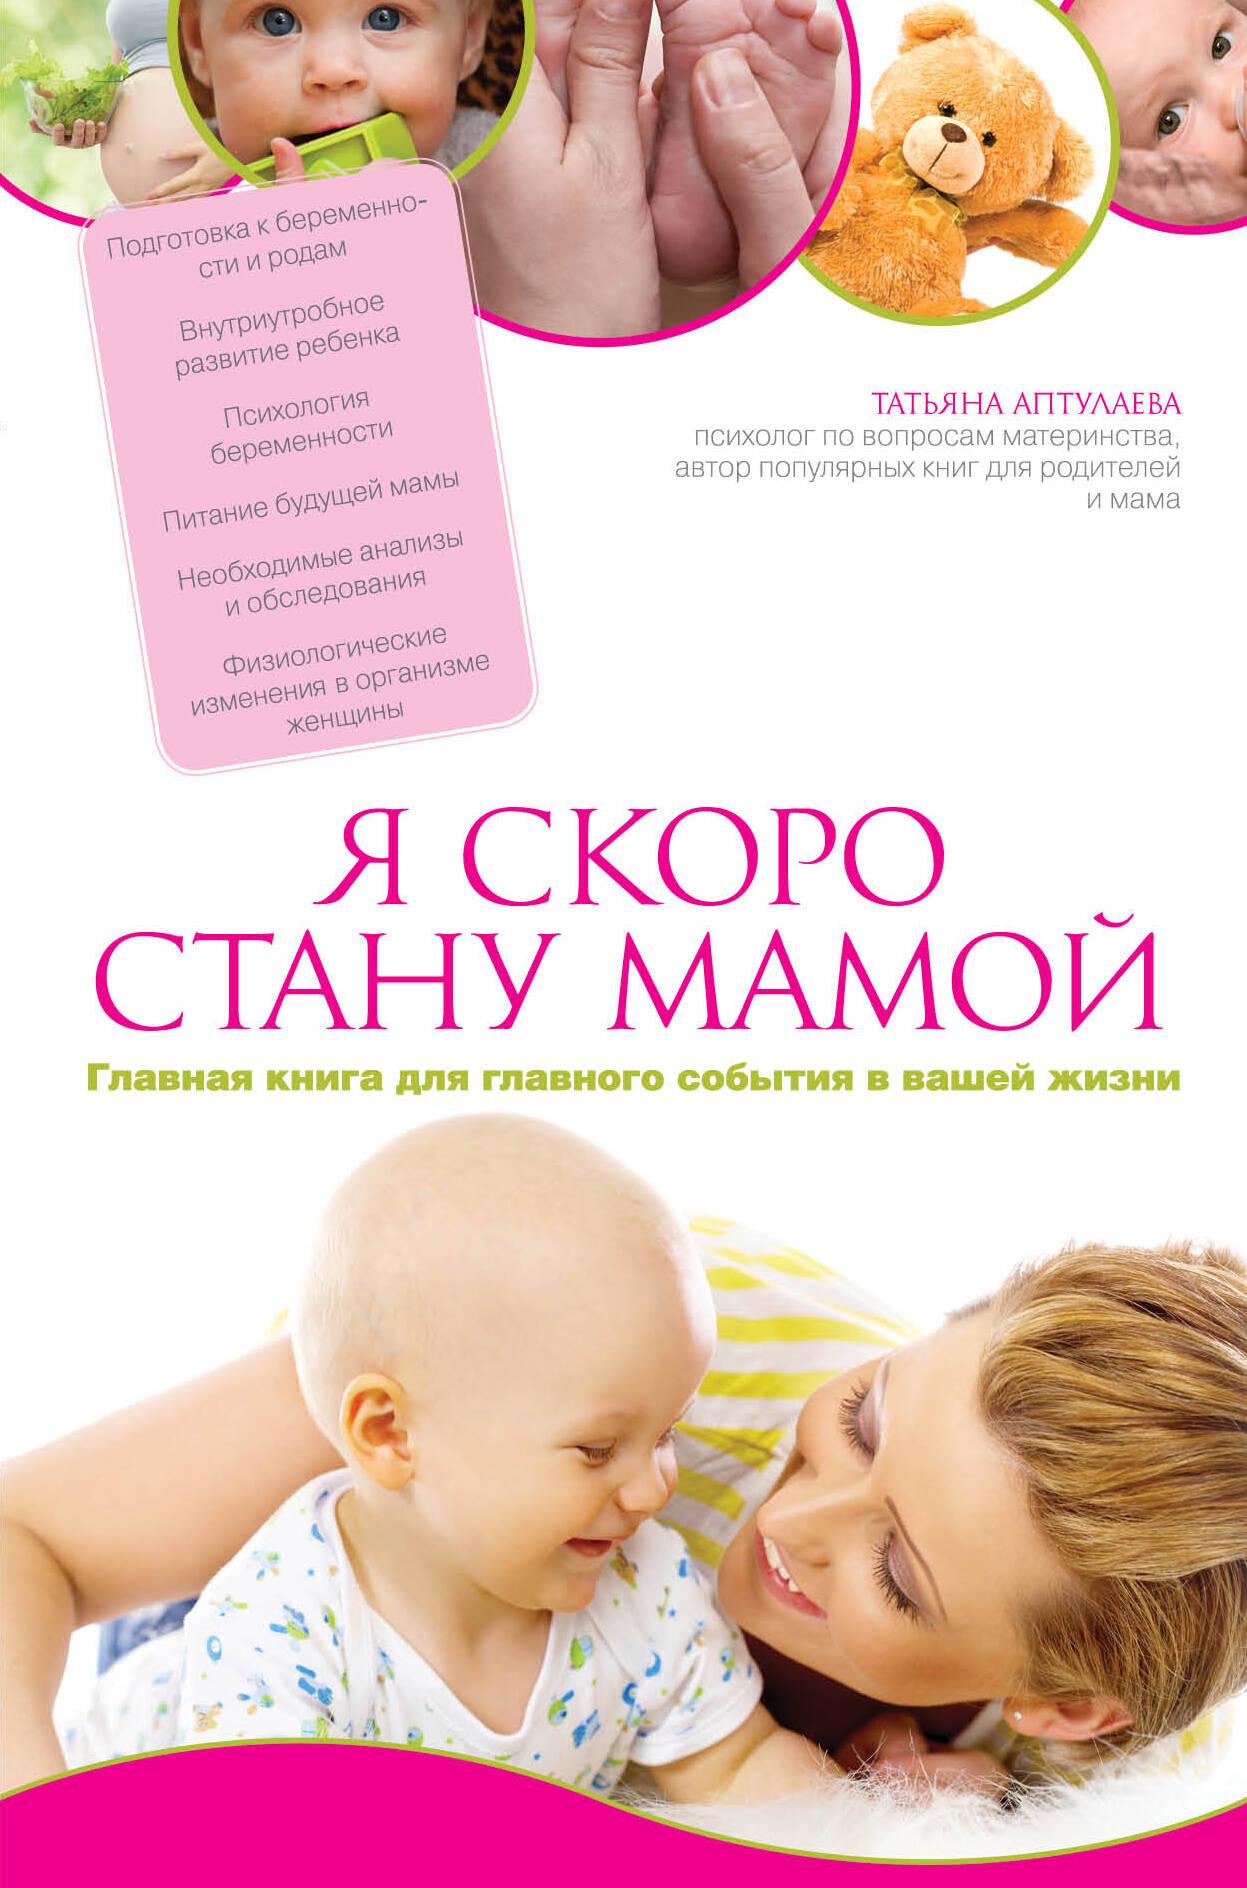 fb2 Я скоро стану мамой. Главная книга для главного события в вашей жизни